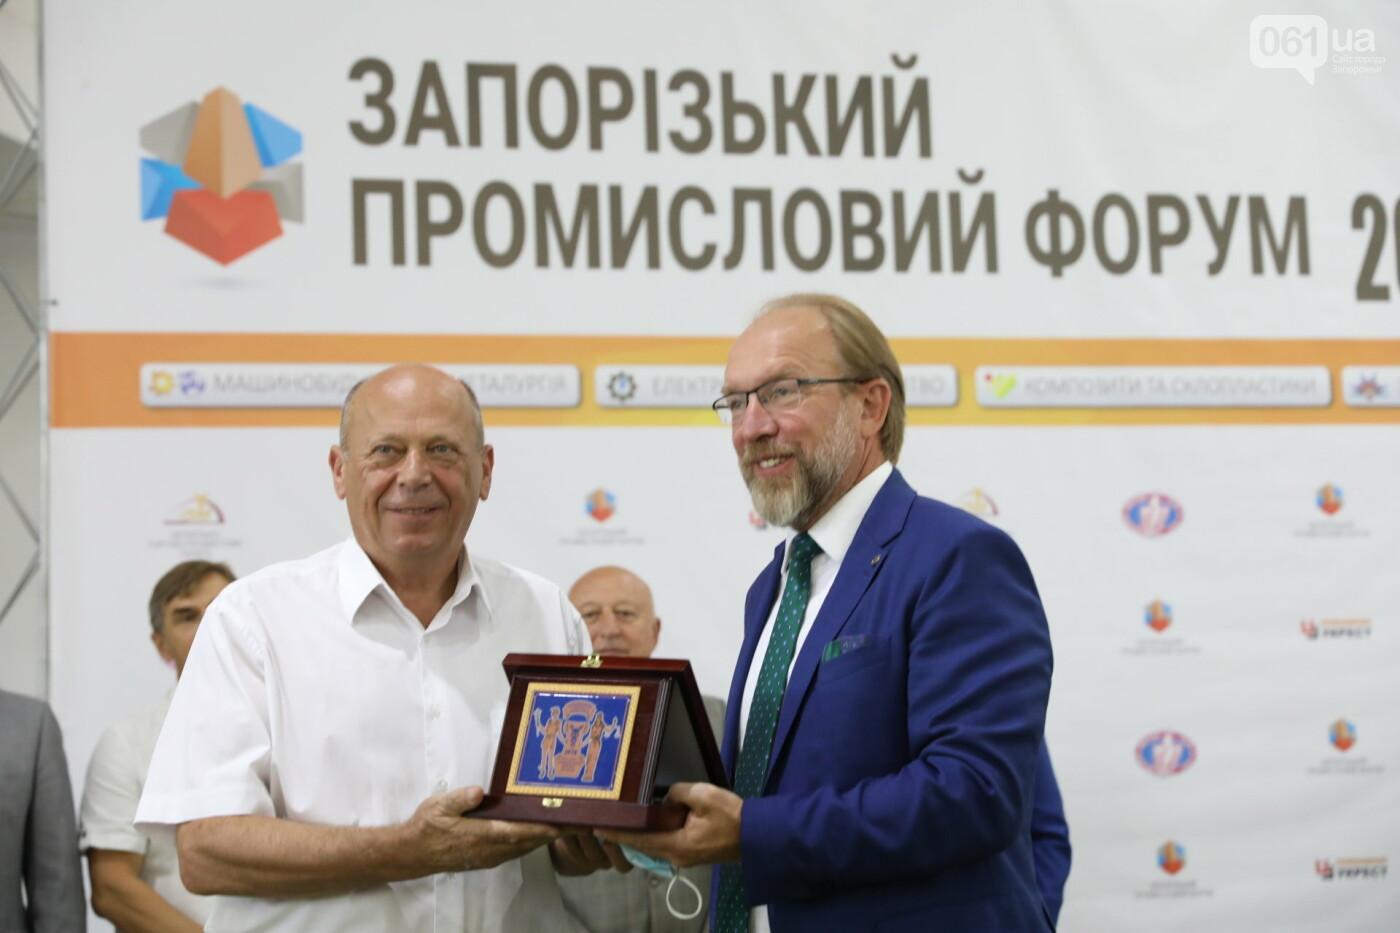 У ВЦ «Козак-Палац» стартував Запорізький Промисловий Форум – 2020, фото-3